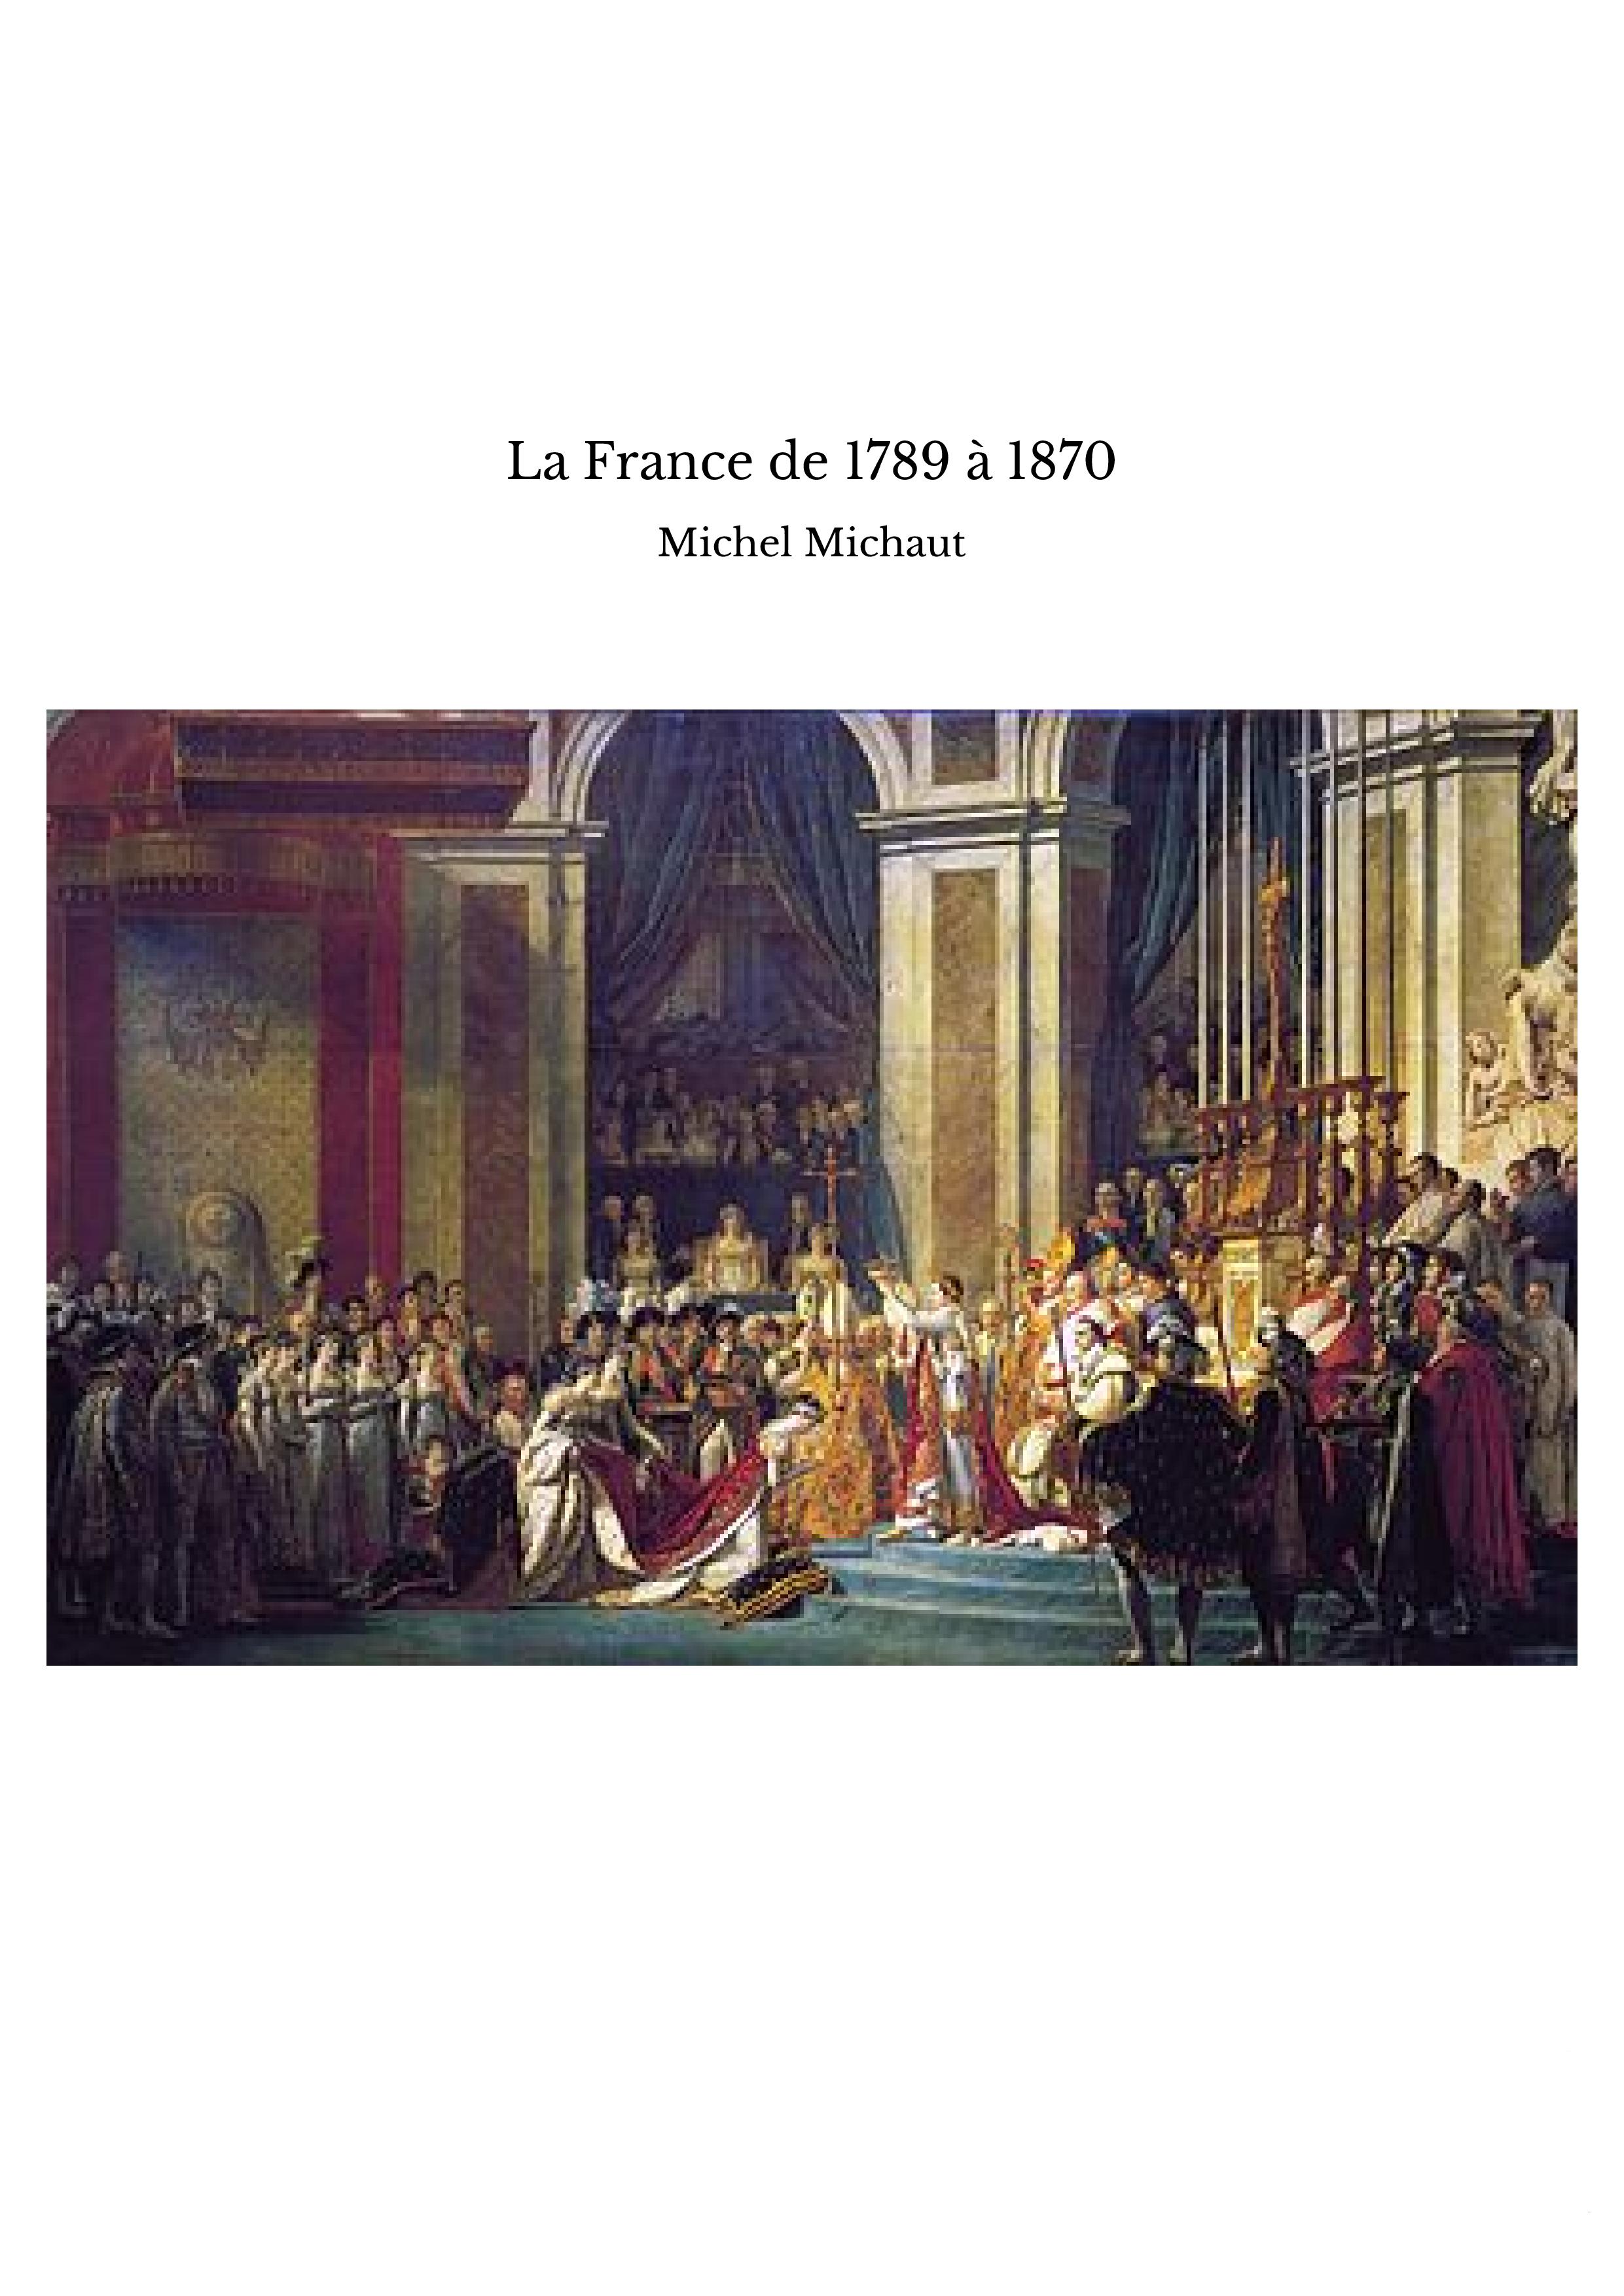 La France de 1789 à 1870